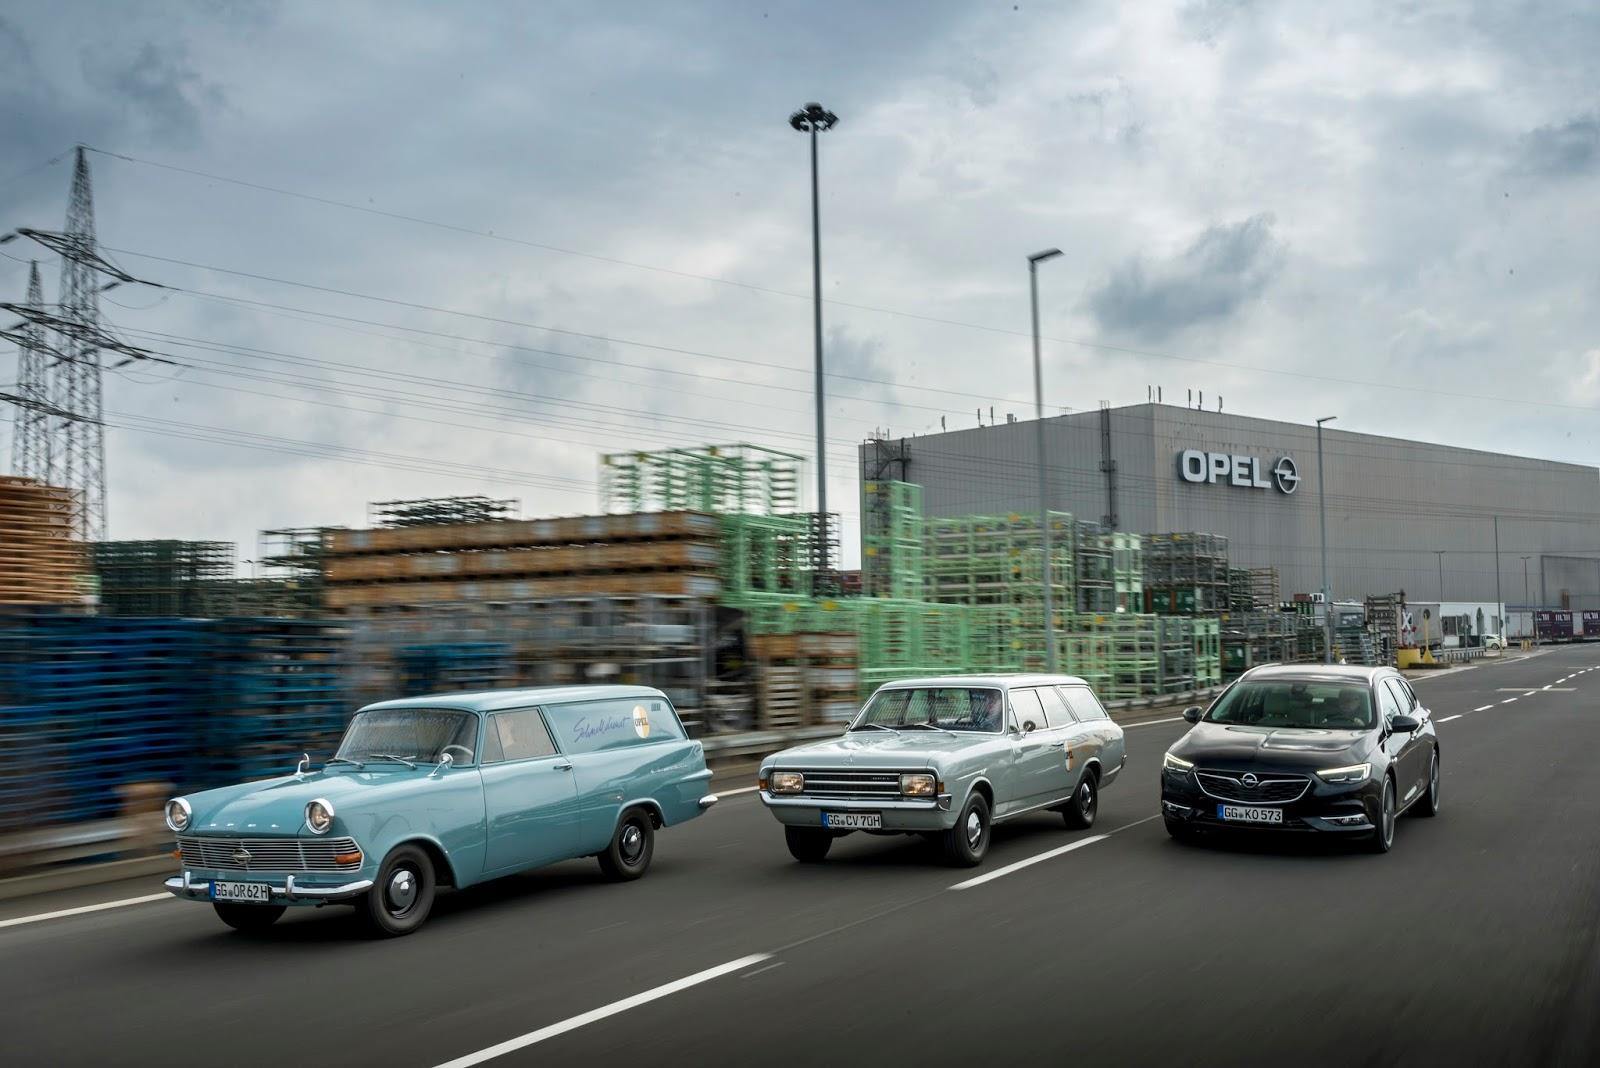 Opel ADAC Hessen Thueringen 304650